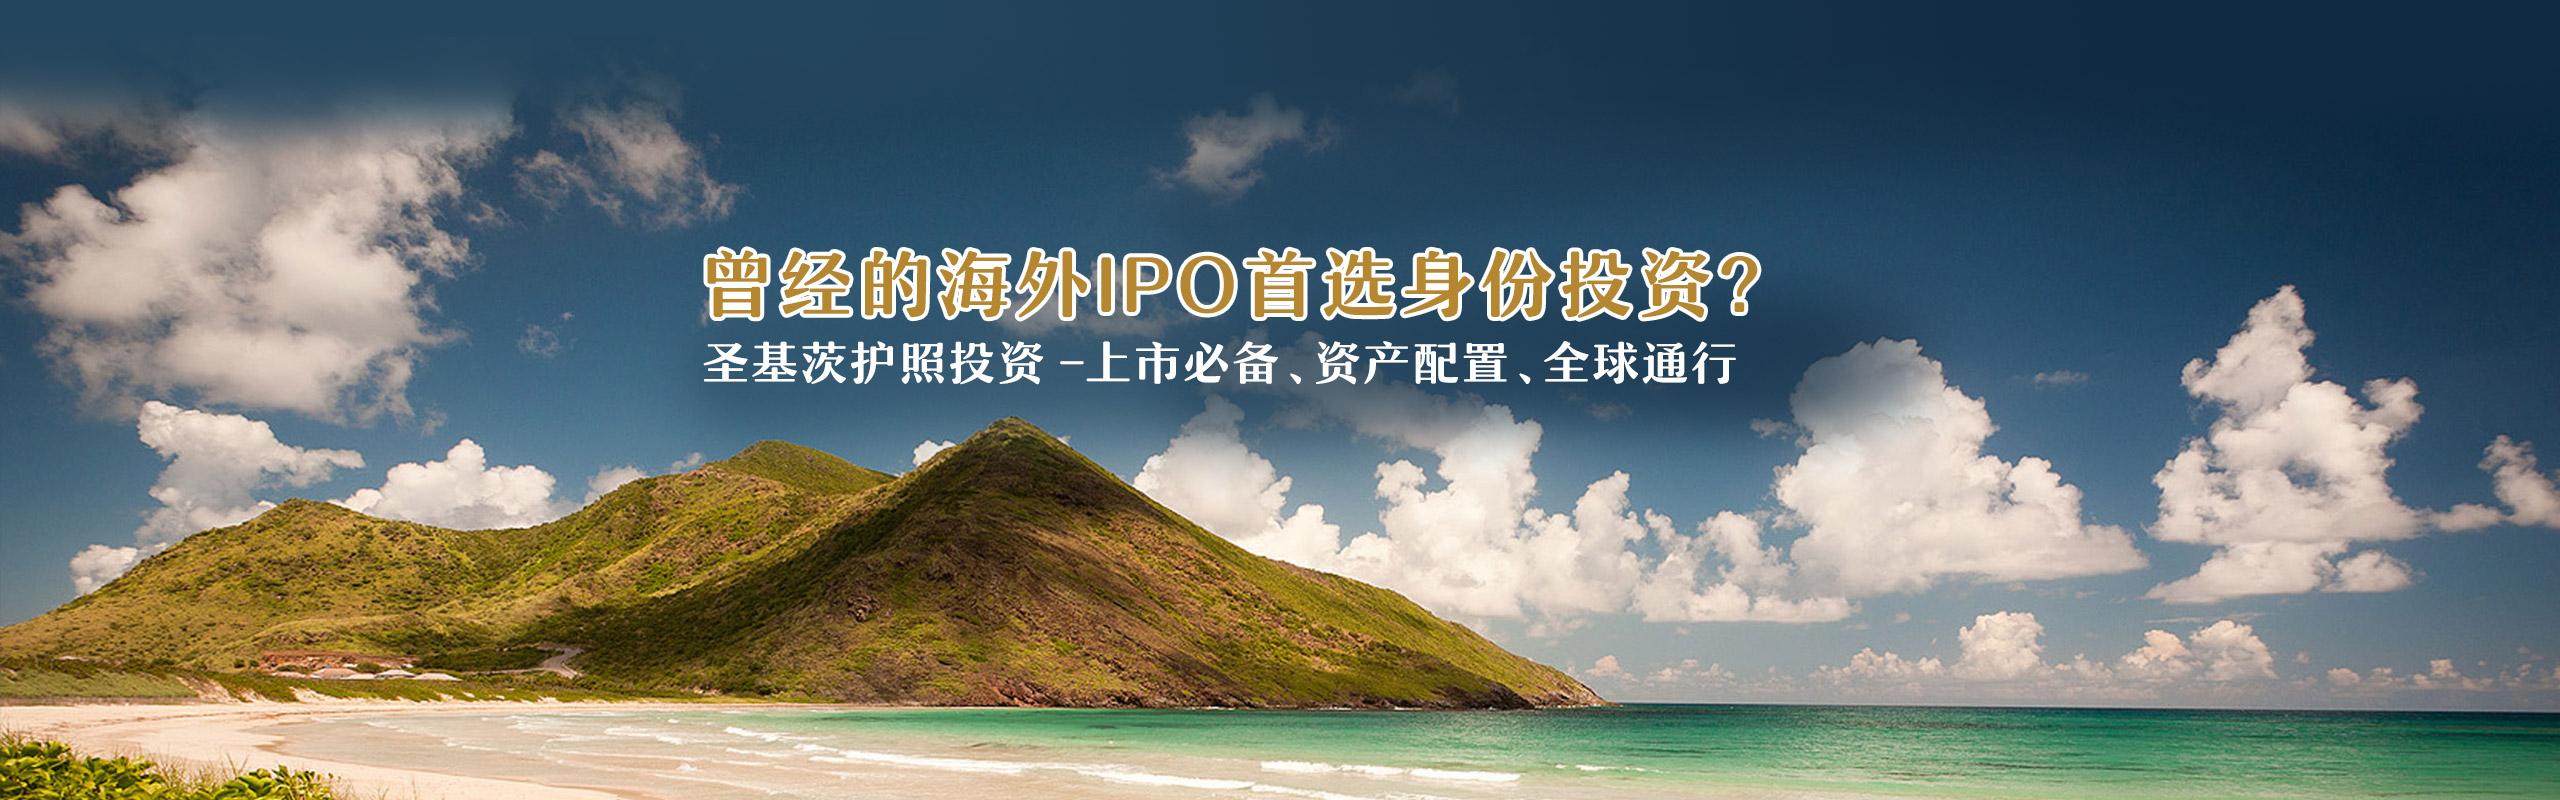 曾经的海外IPO首选身份投资?